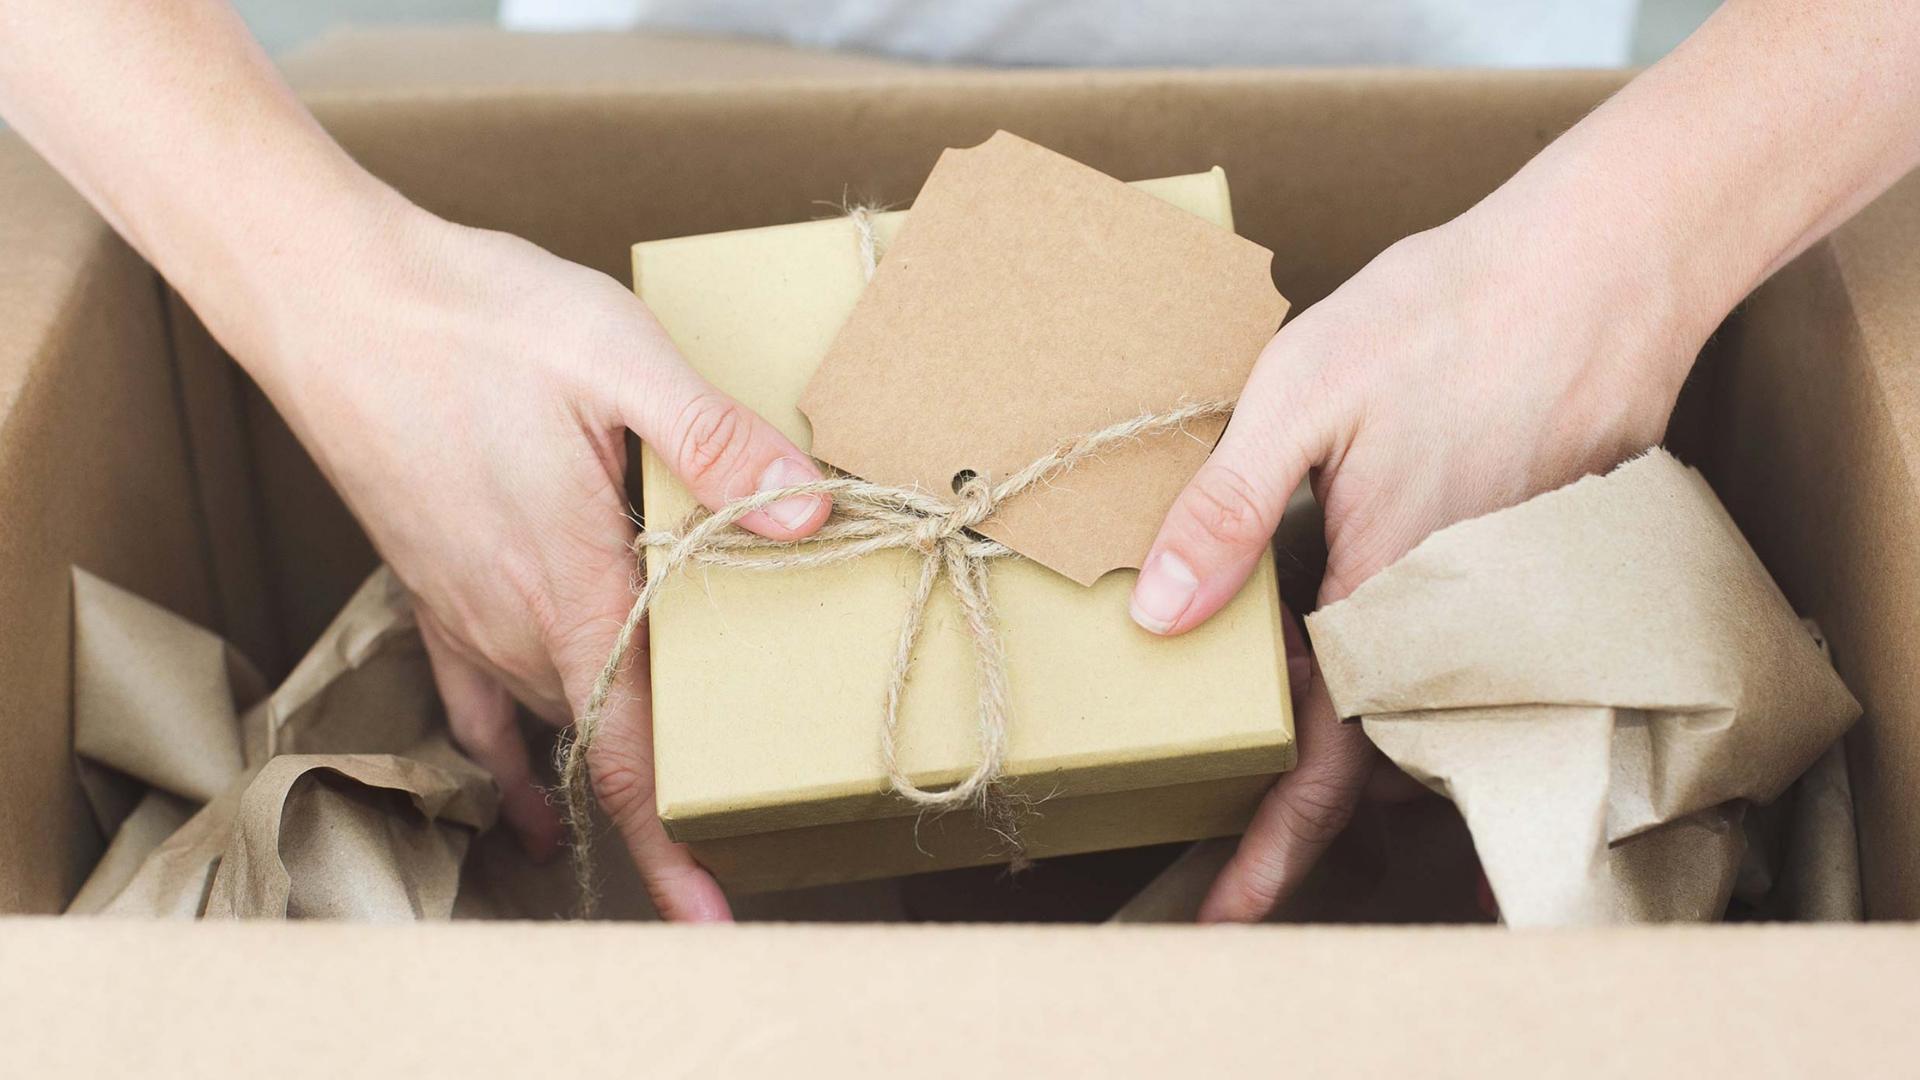 Mani di donna che aprono un pacco ricevuto tramite e-commerce B2B